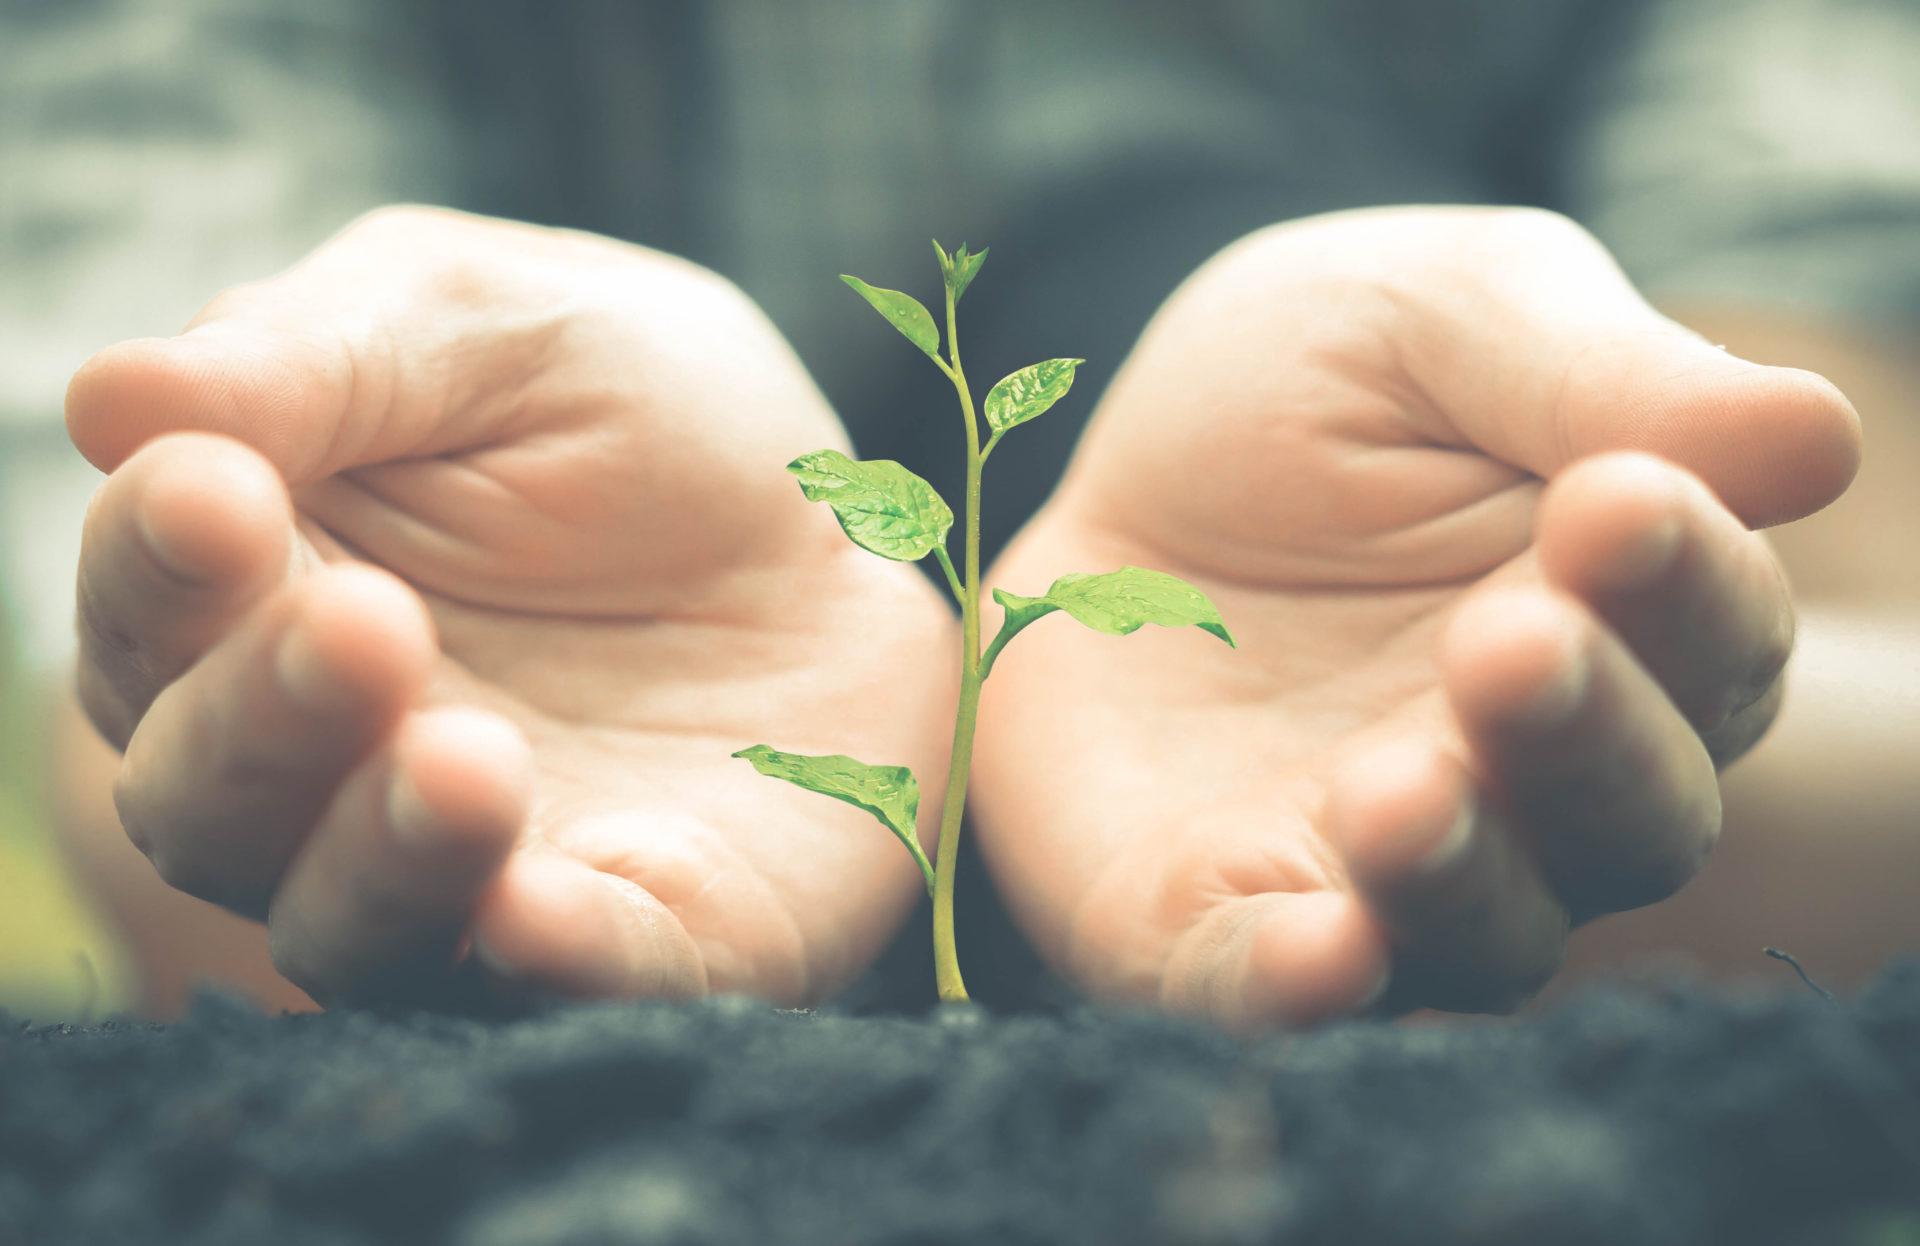 ¿Cómo reducir la huella ecológica?